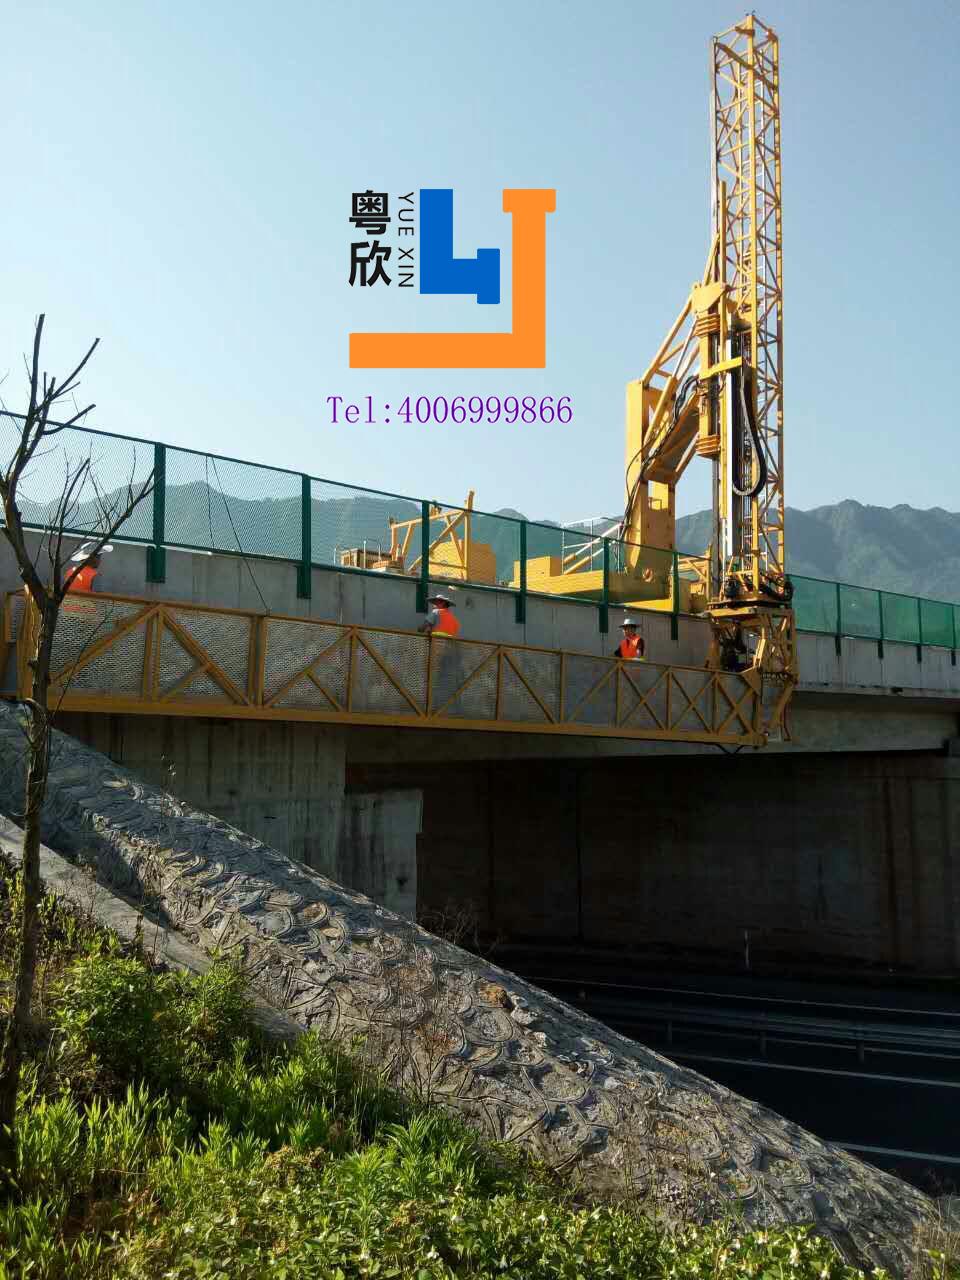 重庆桥梁检测车出租渝北桥梁检测车租赁渝北长寿高速公路